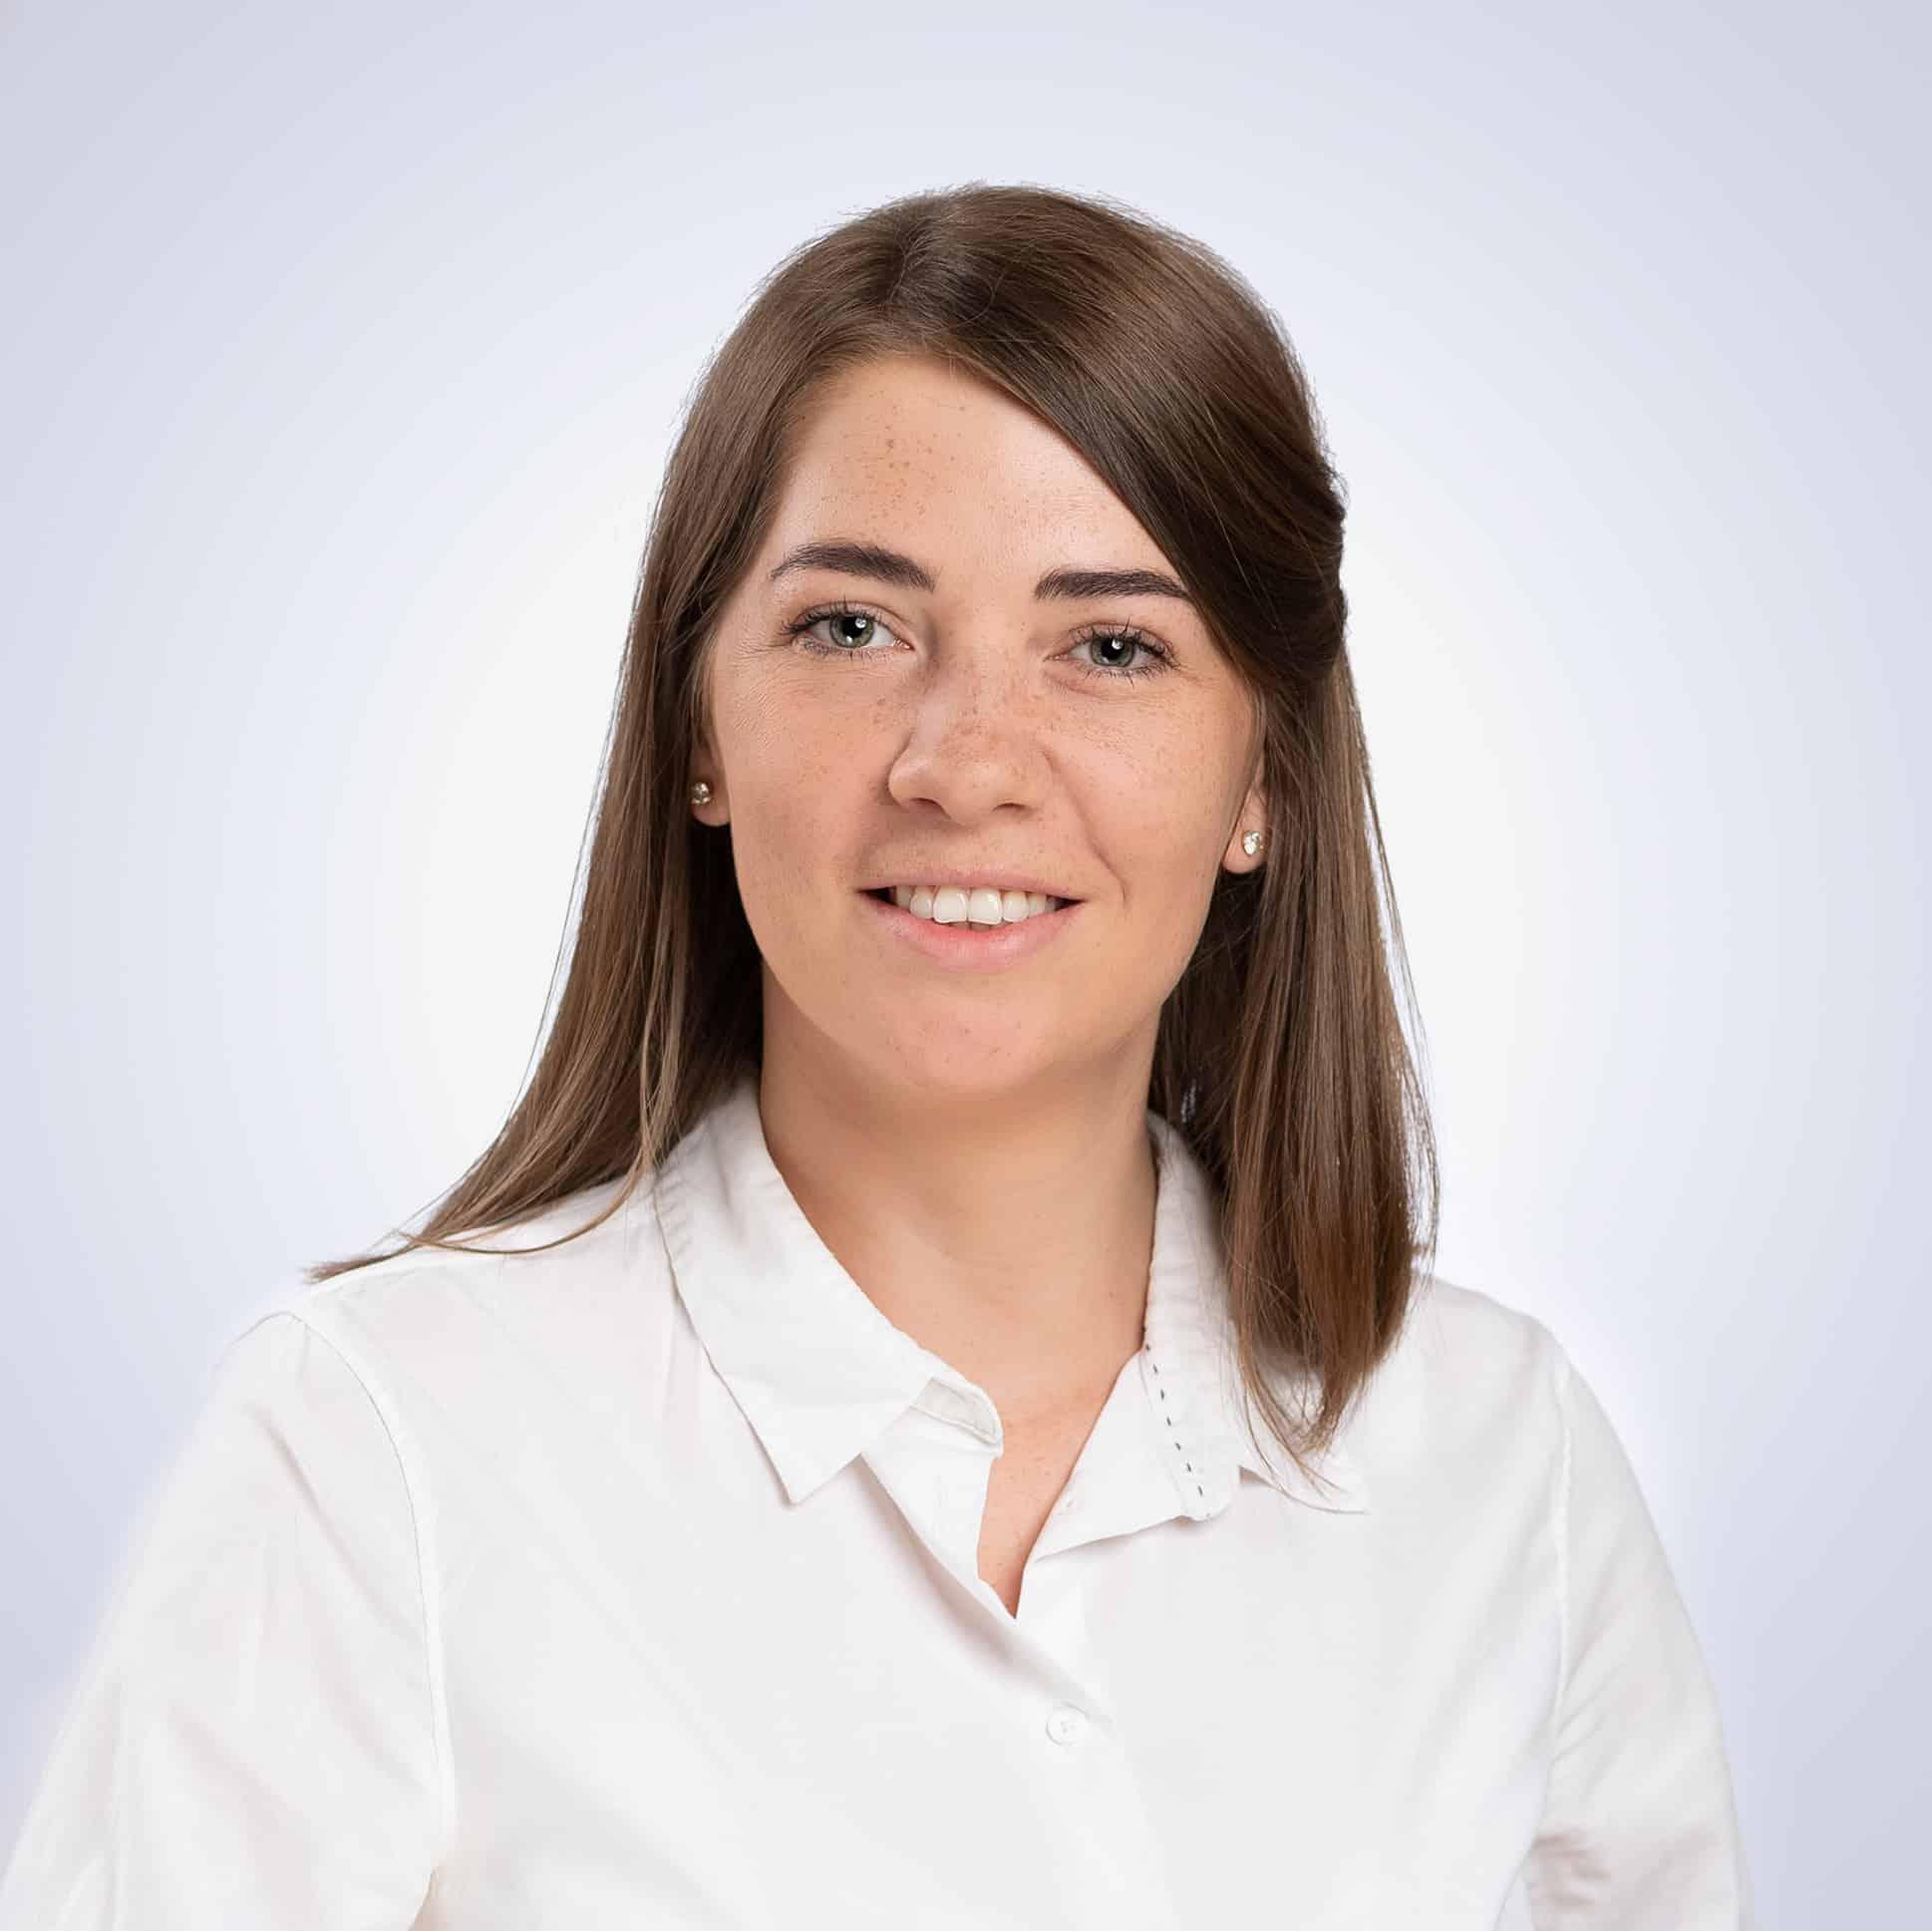 Malwina Sienkowska